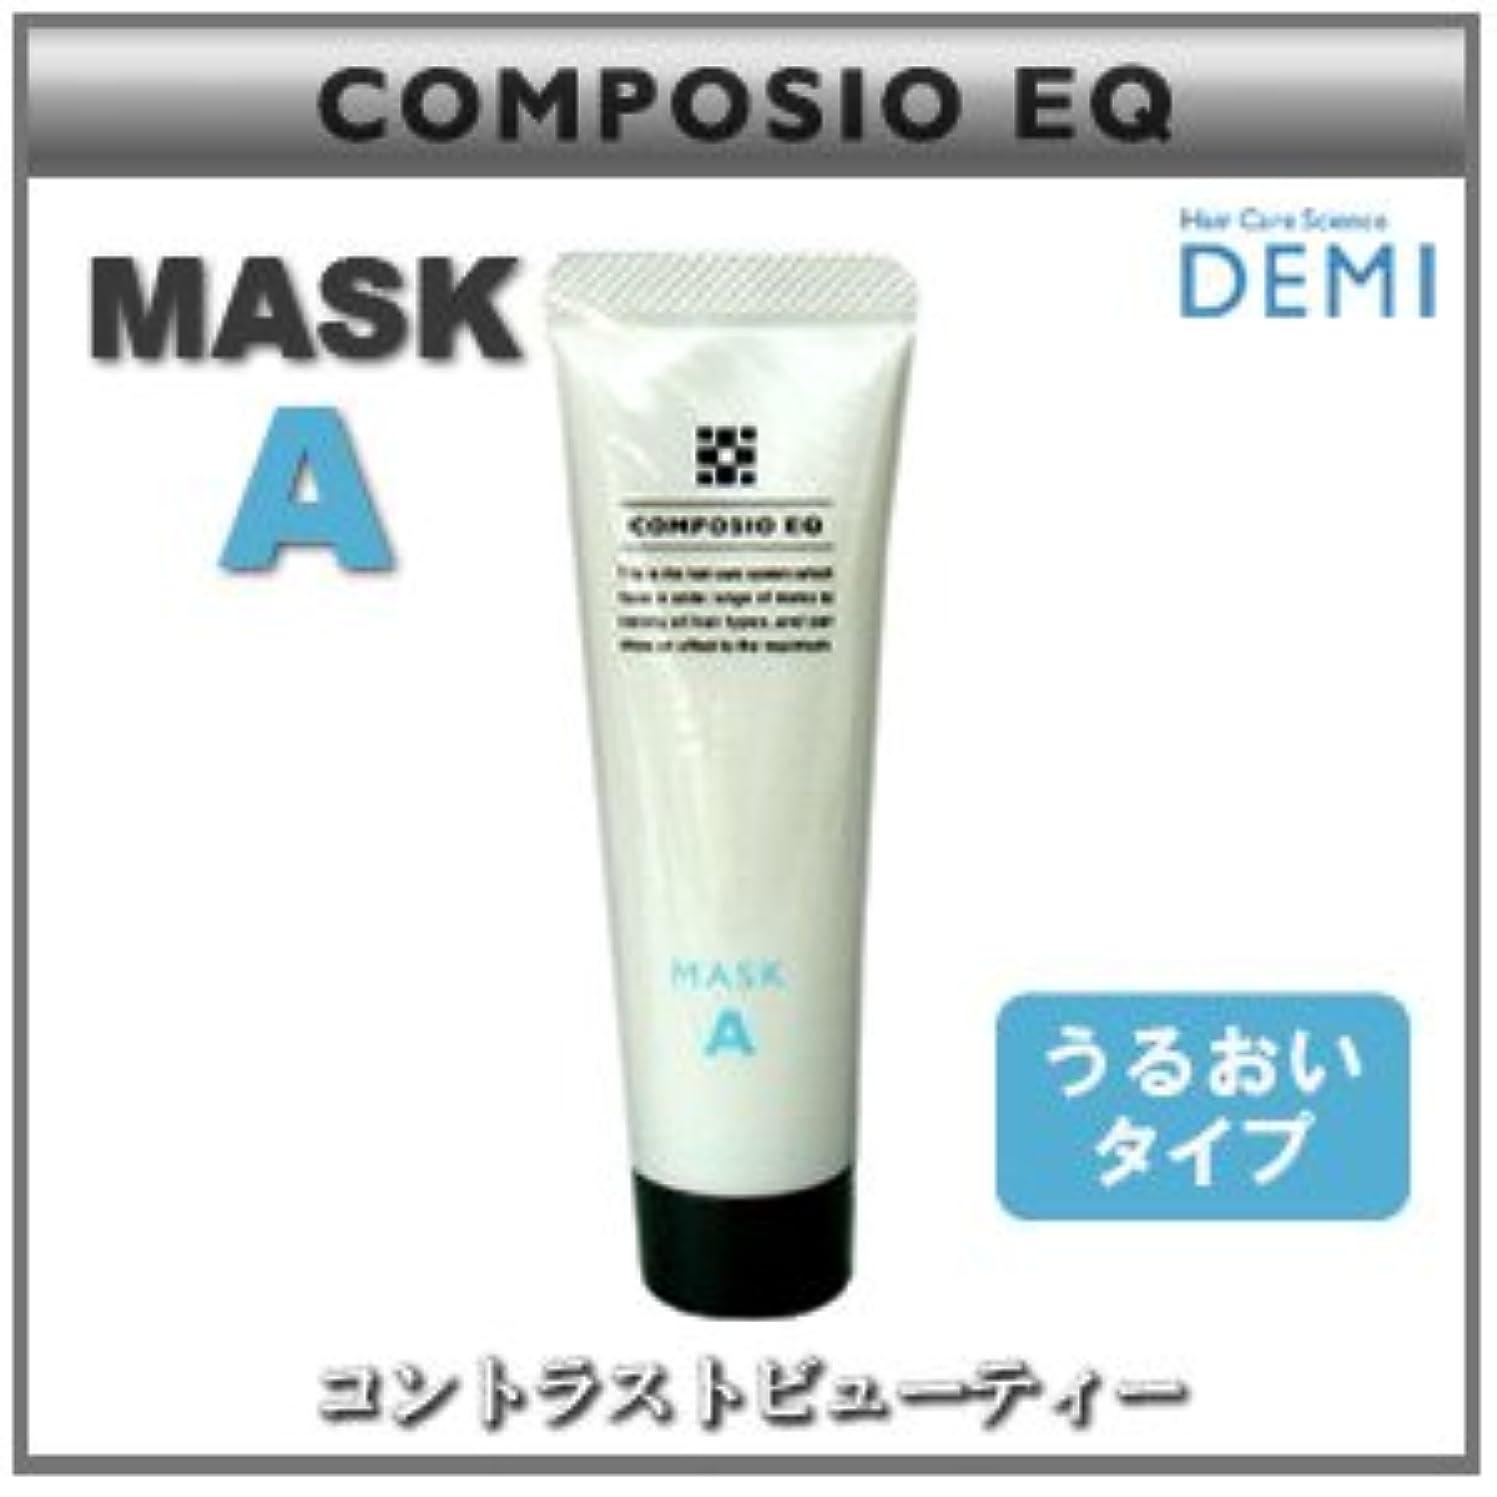 第九時四十五分分数【X2個セット】 デミ コンポジオ EQ マスク A 50g